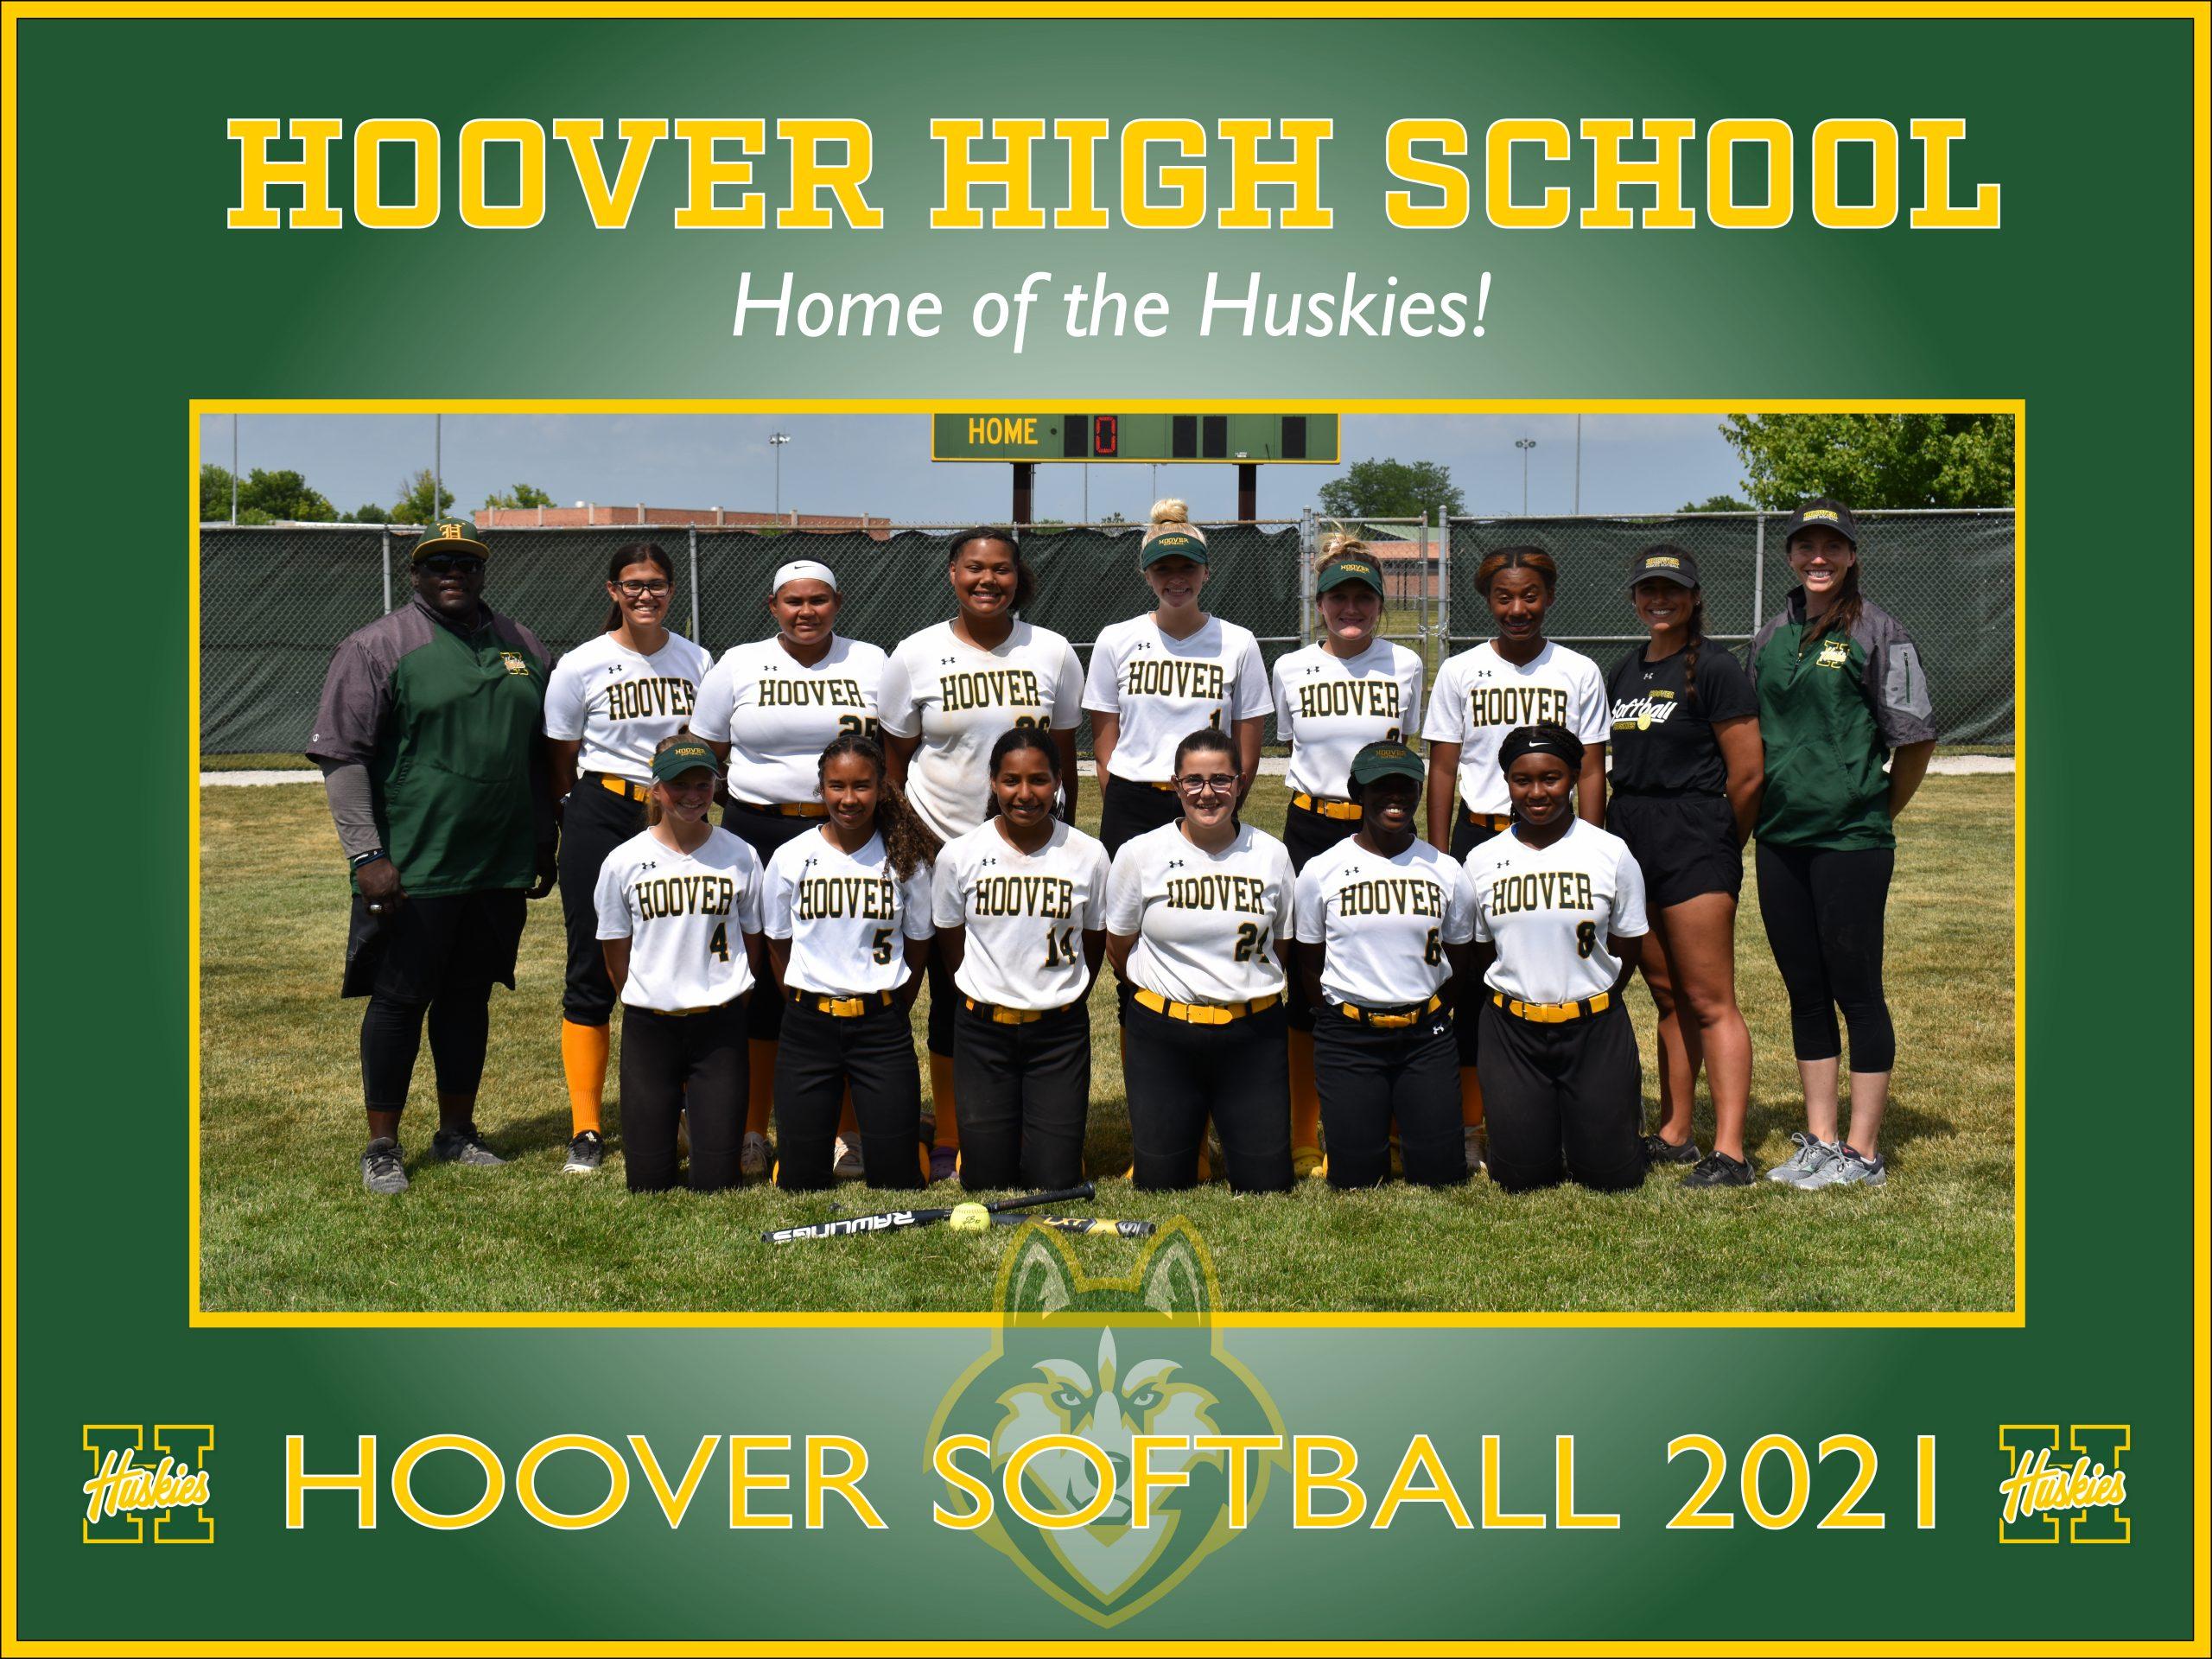 Hoover Softball Poster 2021